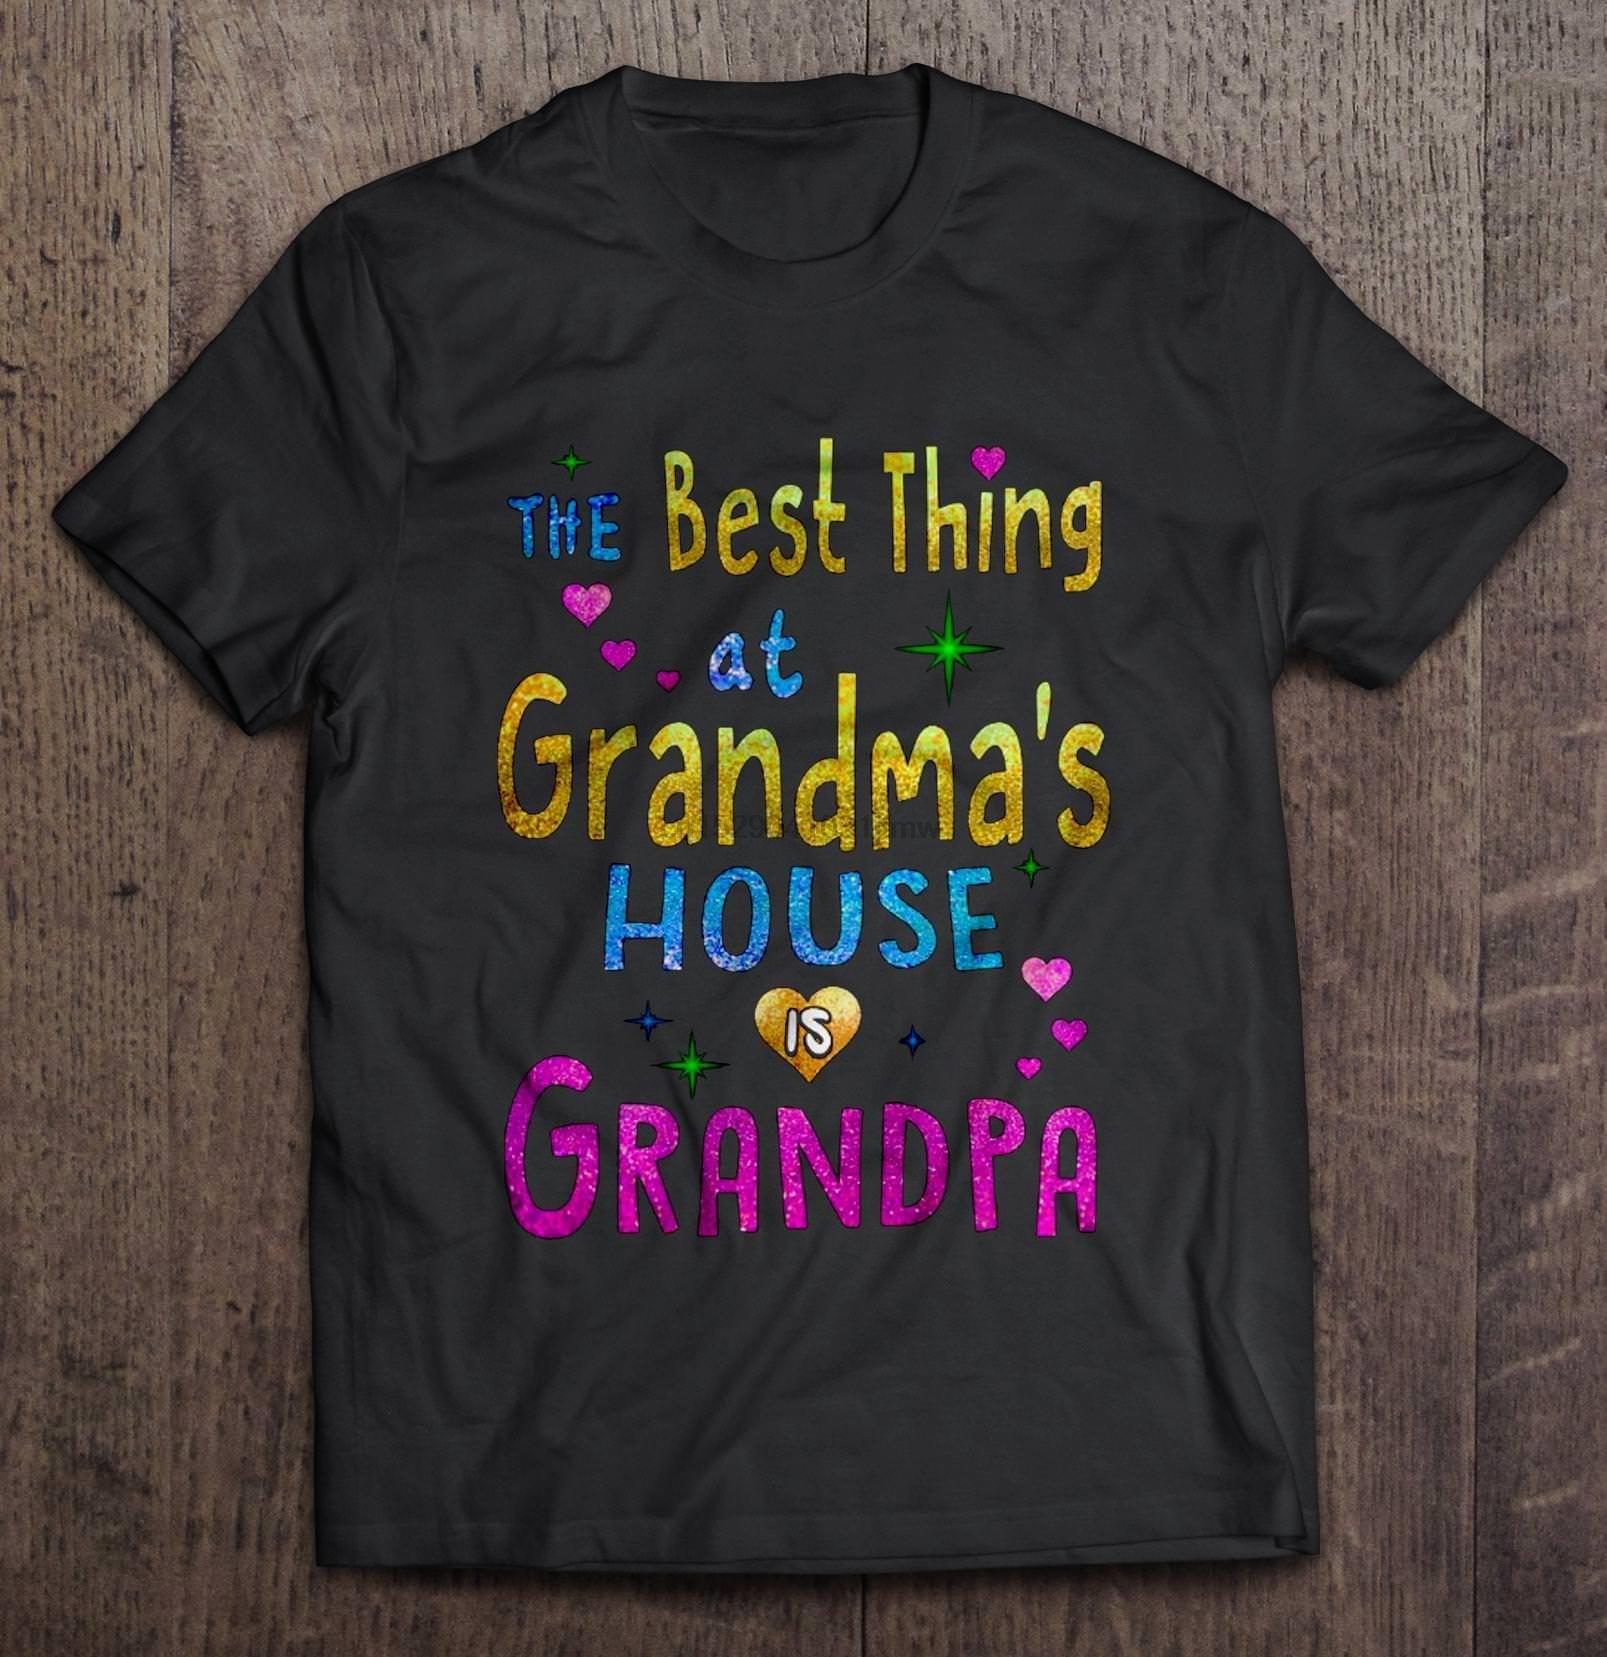 Мужчины Смешной T рубашки Мода Tshirt Лучшей вещь в бабушкином доме Is дедушка Женщина T-Shirt